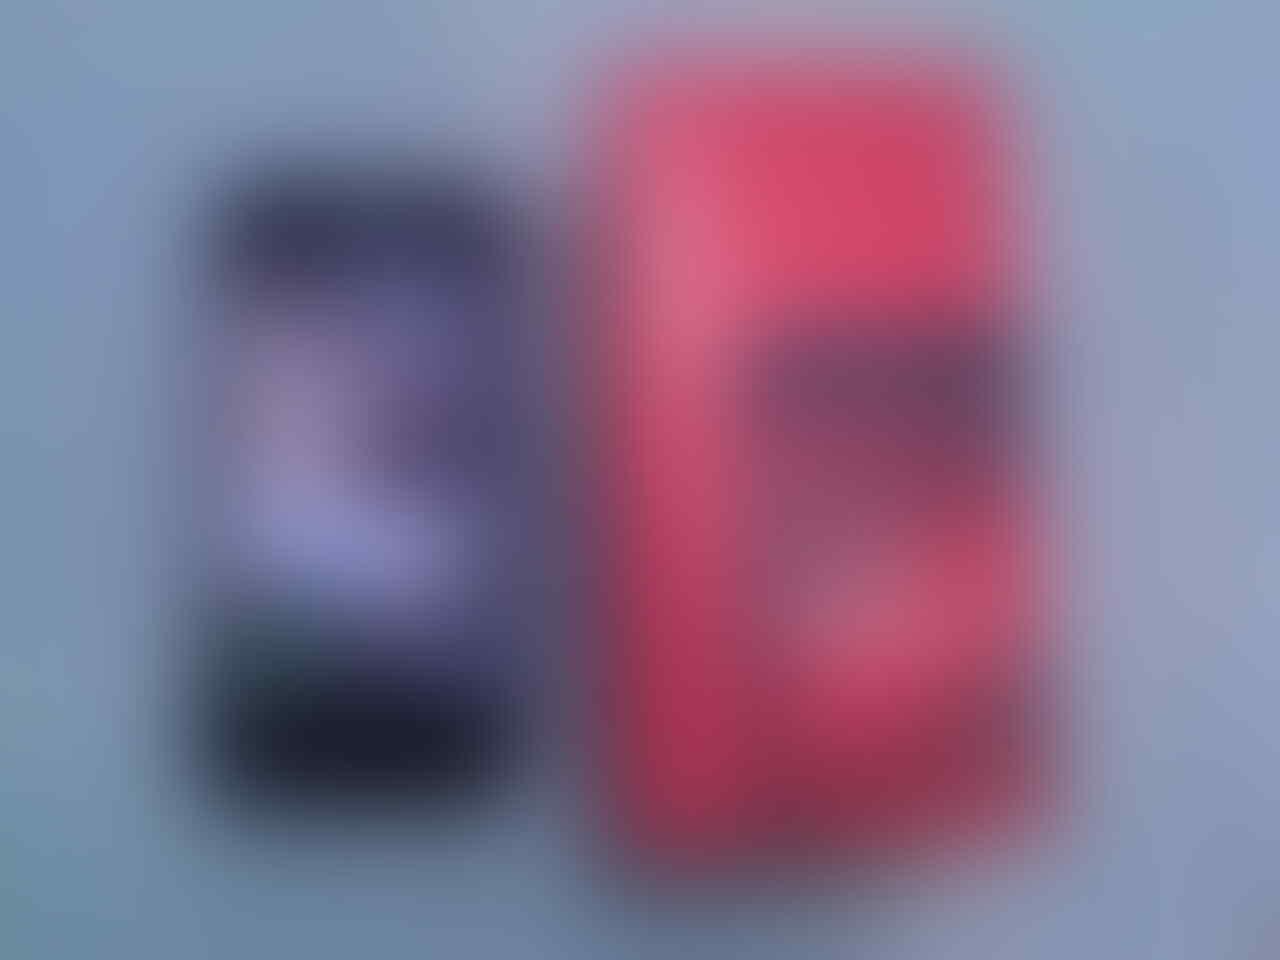 Asus Zenfone 4 Red fullset lengkap garansi panjang mulus murah masuk aja dulu